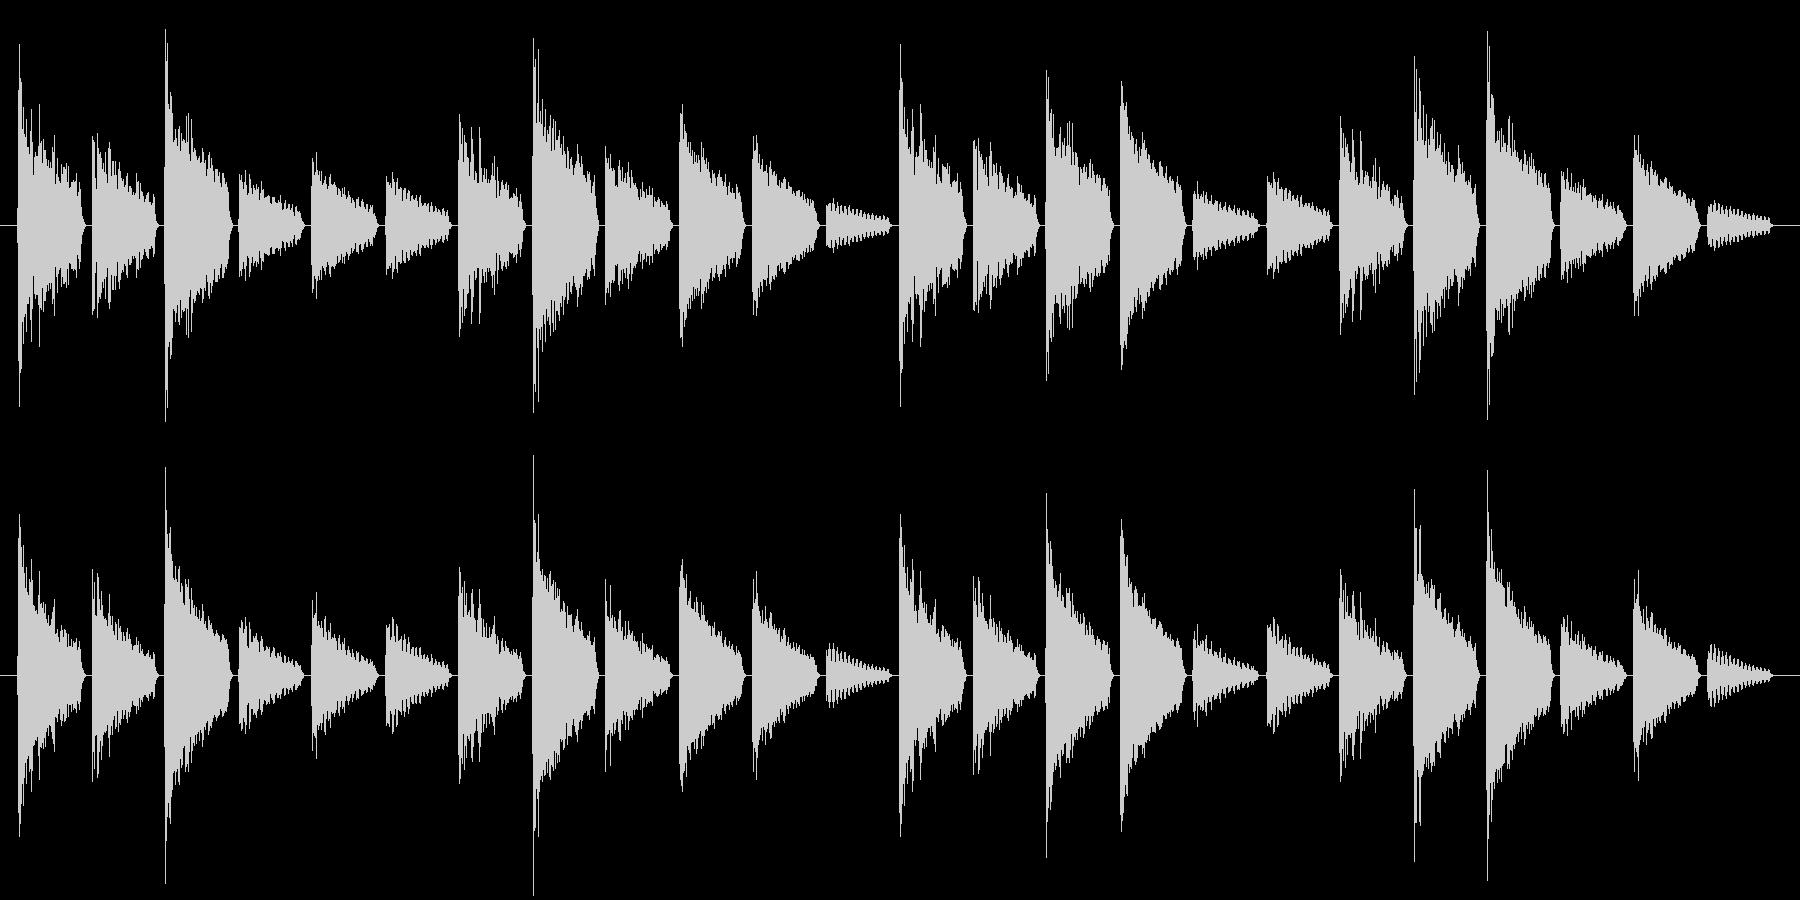 危険を知らせるアラート音(警戒度:中)の未再生の波形